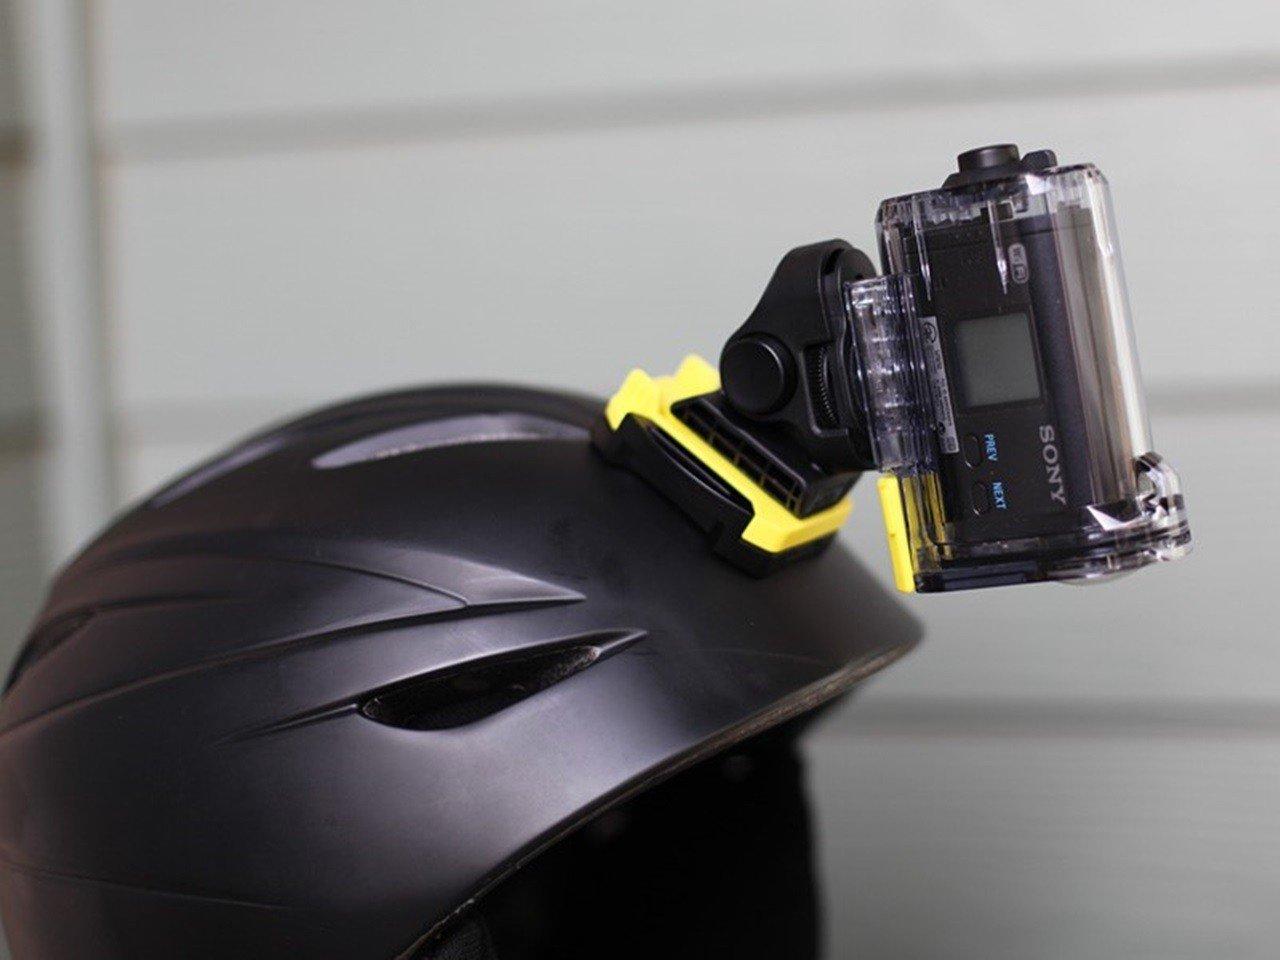 Racecam